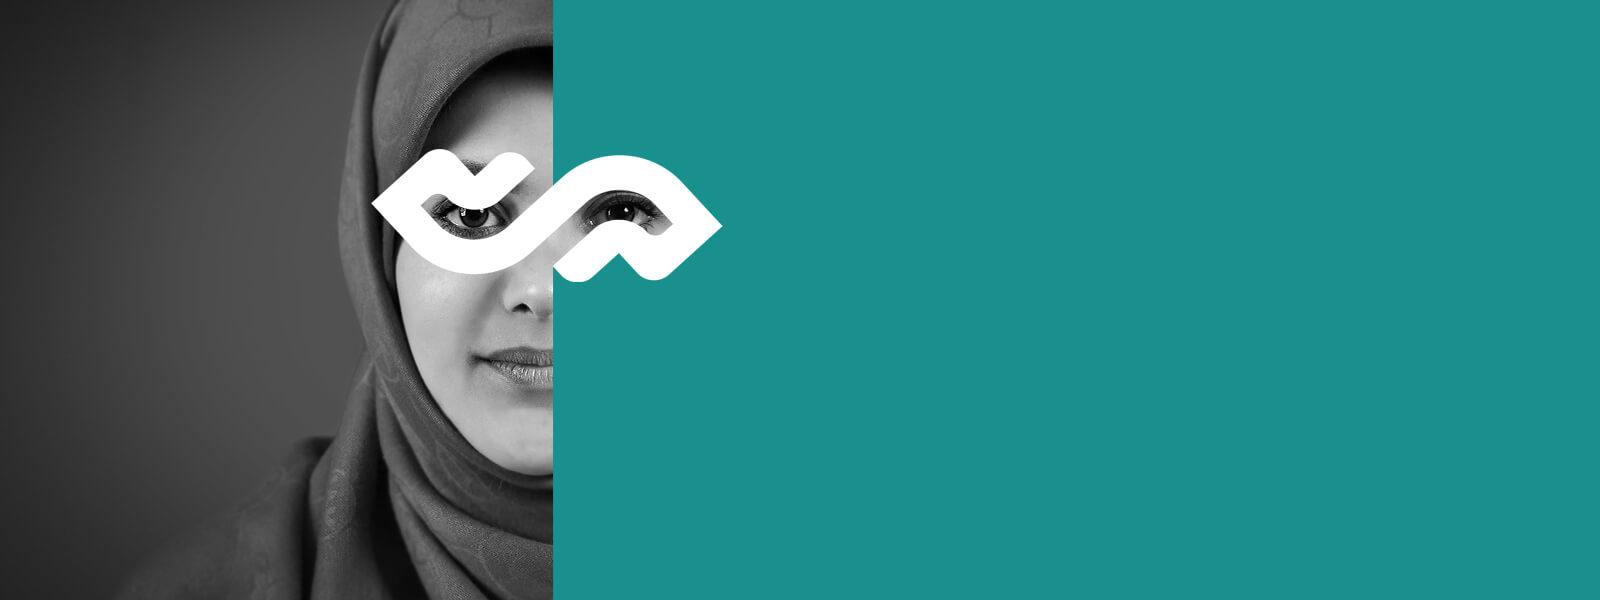 لایه سوم اسلاید سی و پنجمین جشنواره بین المللی تئاتر فجر، هویت بصری سی و پنجمین جشنواره بین المللی تئاتر فجر، طراحی لوگو، طراحی لوگوتایپ، شرکت تبلیغاتی الف، طراحی هویت بصری